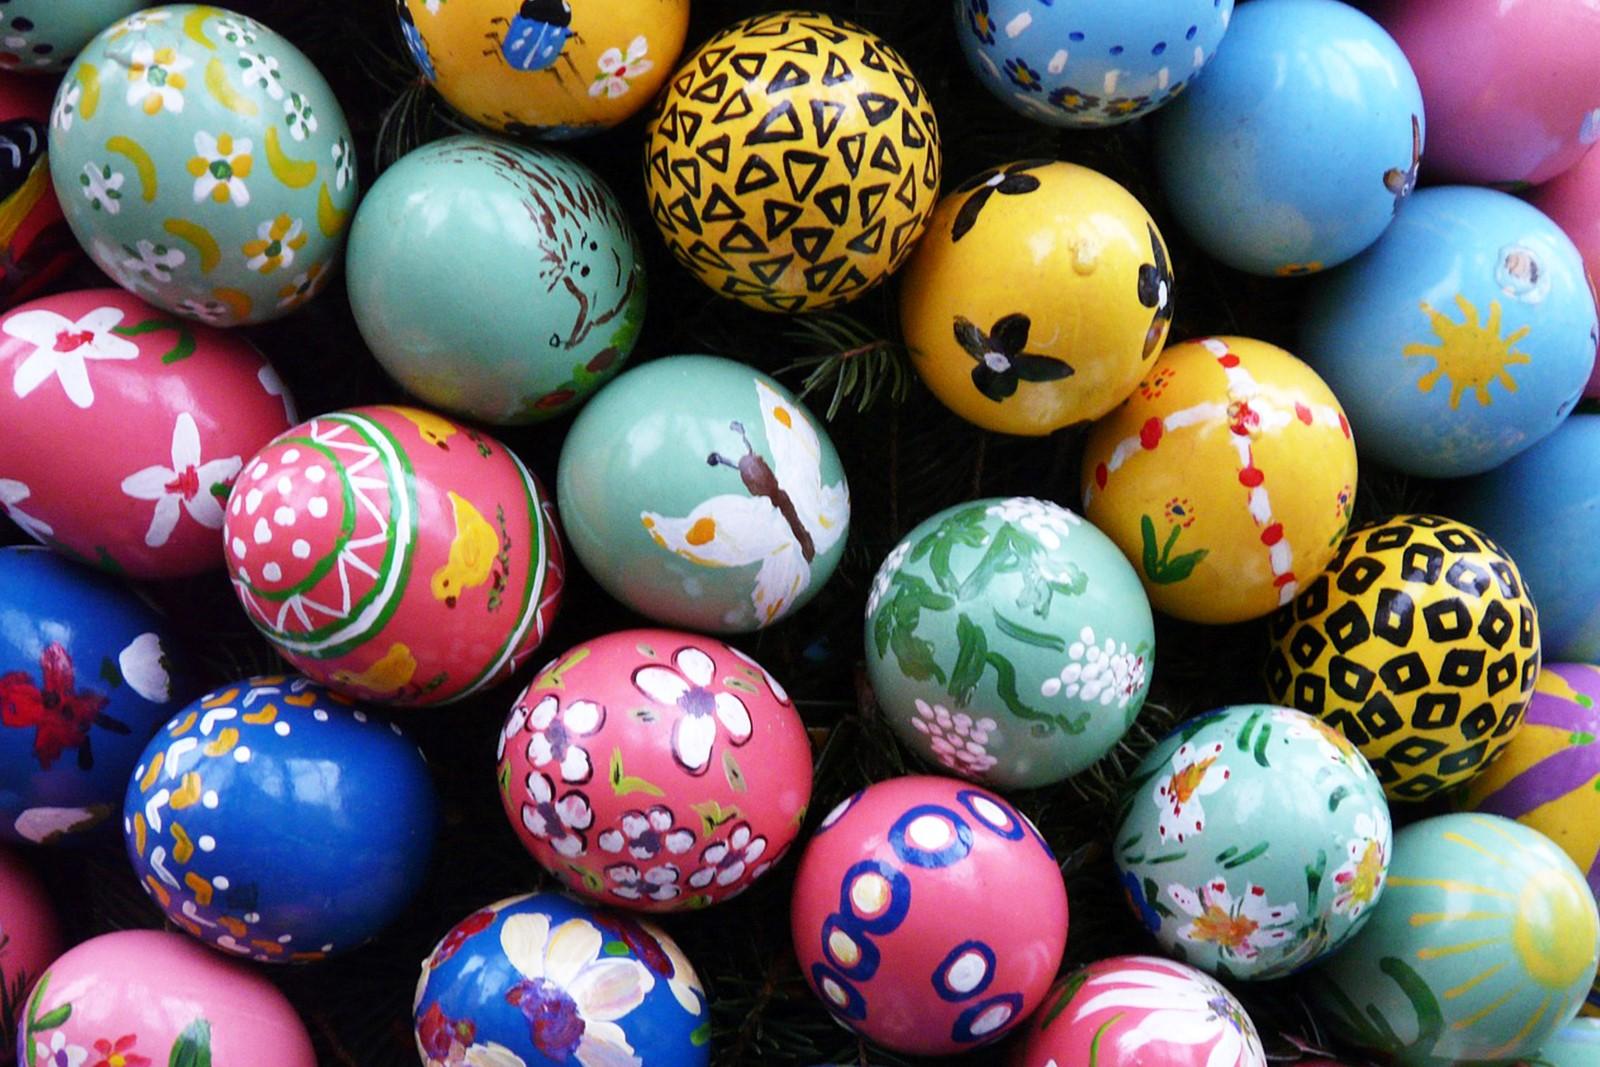 En Avril, les enfants sont impatients d'aller chercher les œufs de Pâques […]